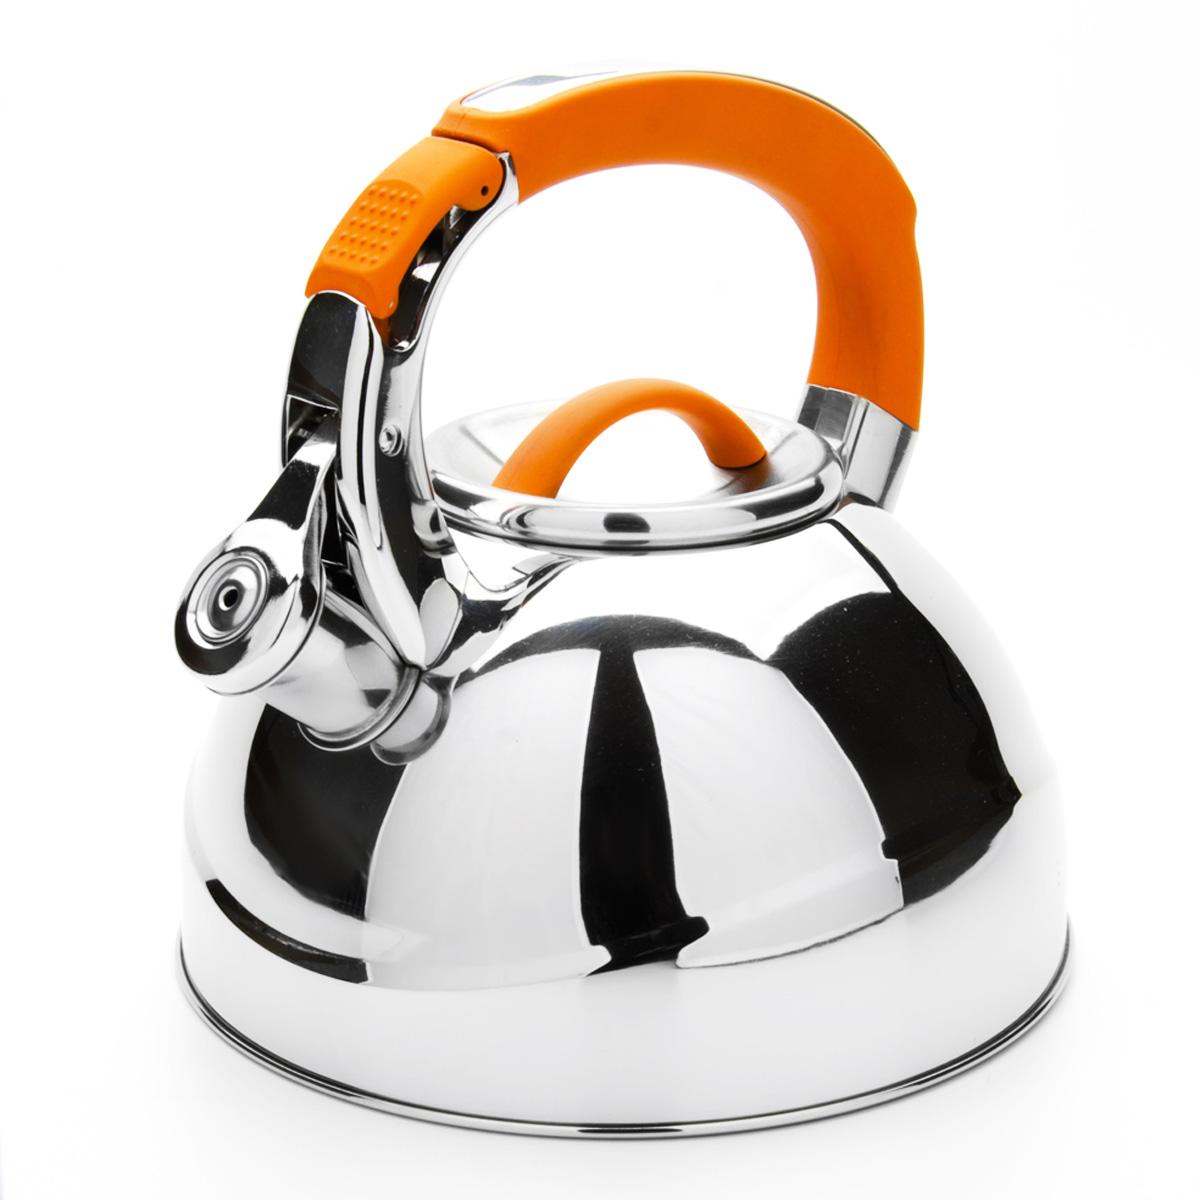 Чайник Mayer & Boch со свистком, цвет: оранжевый, 2,7 л. 2358623586Чайник Mayer & Boch выполнен из высококачественной нержавеющей стали, что обеспечивает долговечность использования. Внешнее зеркальноепокрытие придает приятный внешний вид. Фиксированная ручка из нейлона делает использование чайника очень удобным и безопасным. Чайник снабжен свистком и устройством для открывания носика, которое находится на ручке. Можно мыть в посудомоечной машине. Пригоден для всех видов плит, включая индукционные. Высота чайника (без учета крышки и ручки): 11,5 см. Диаметр по верхнему краю: 10 см.